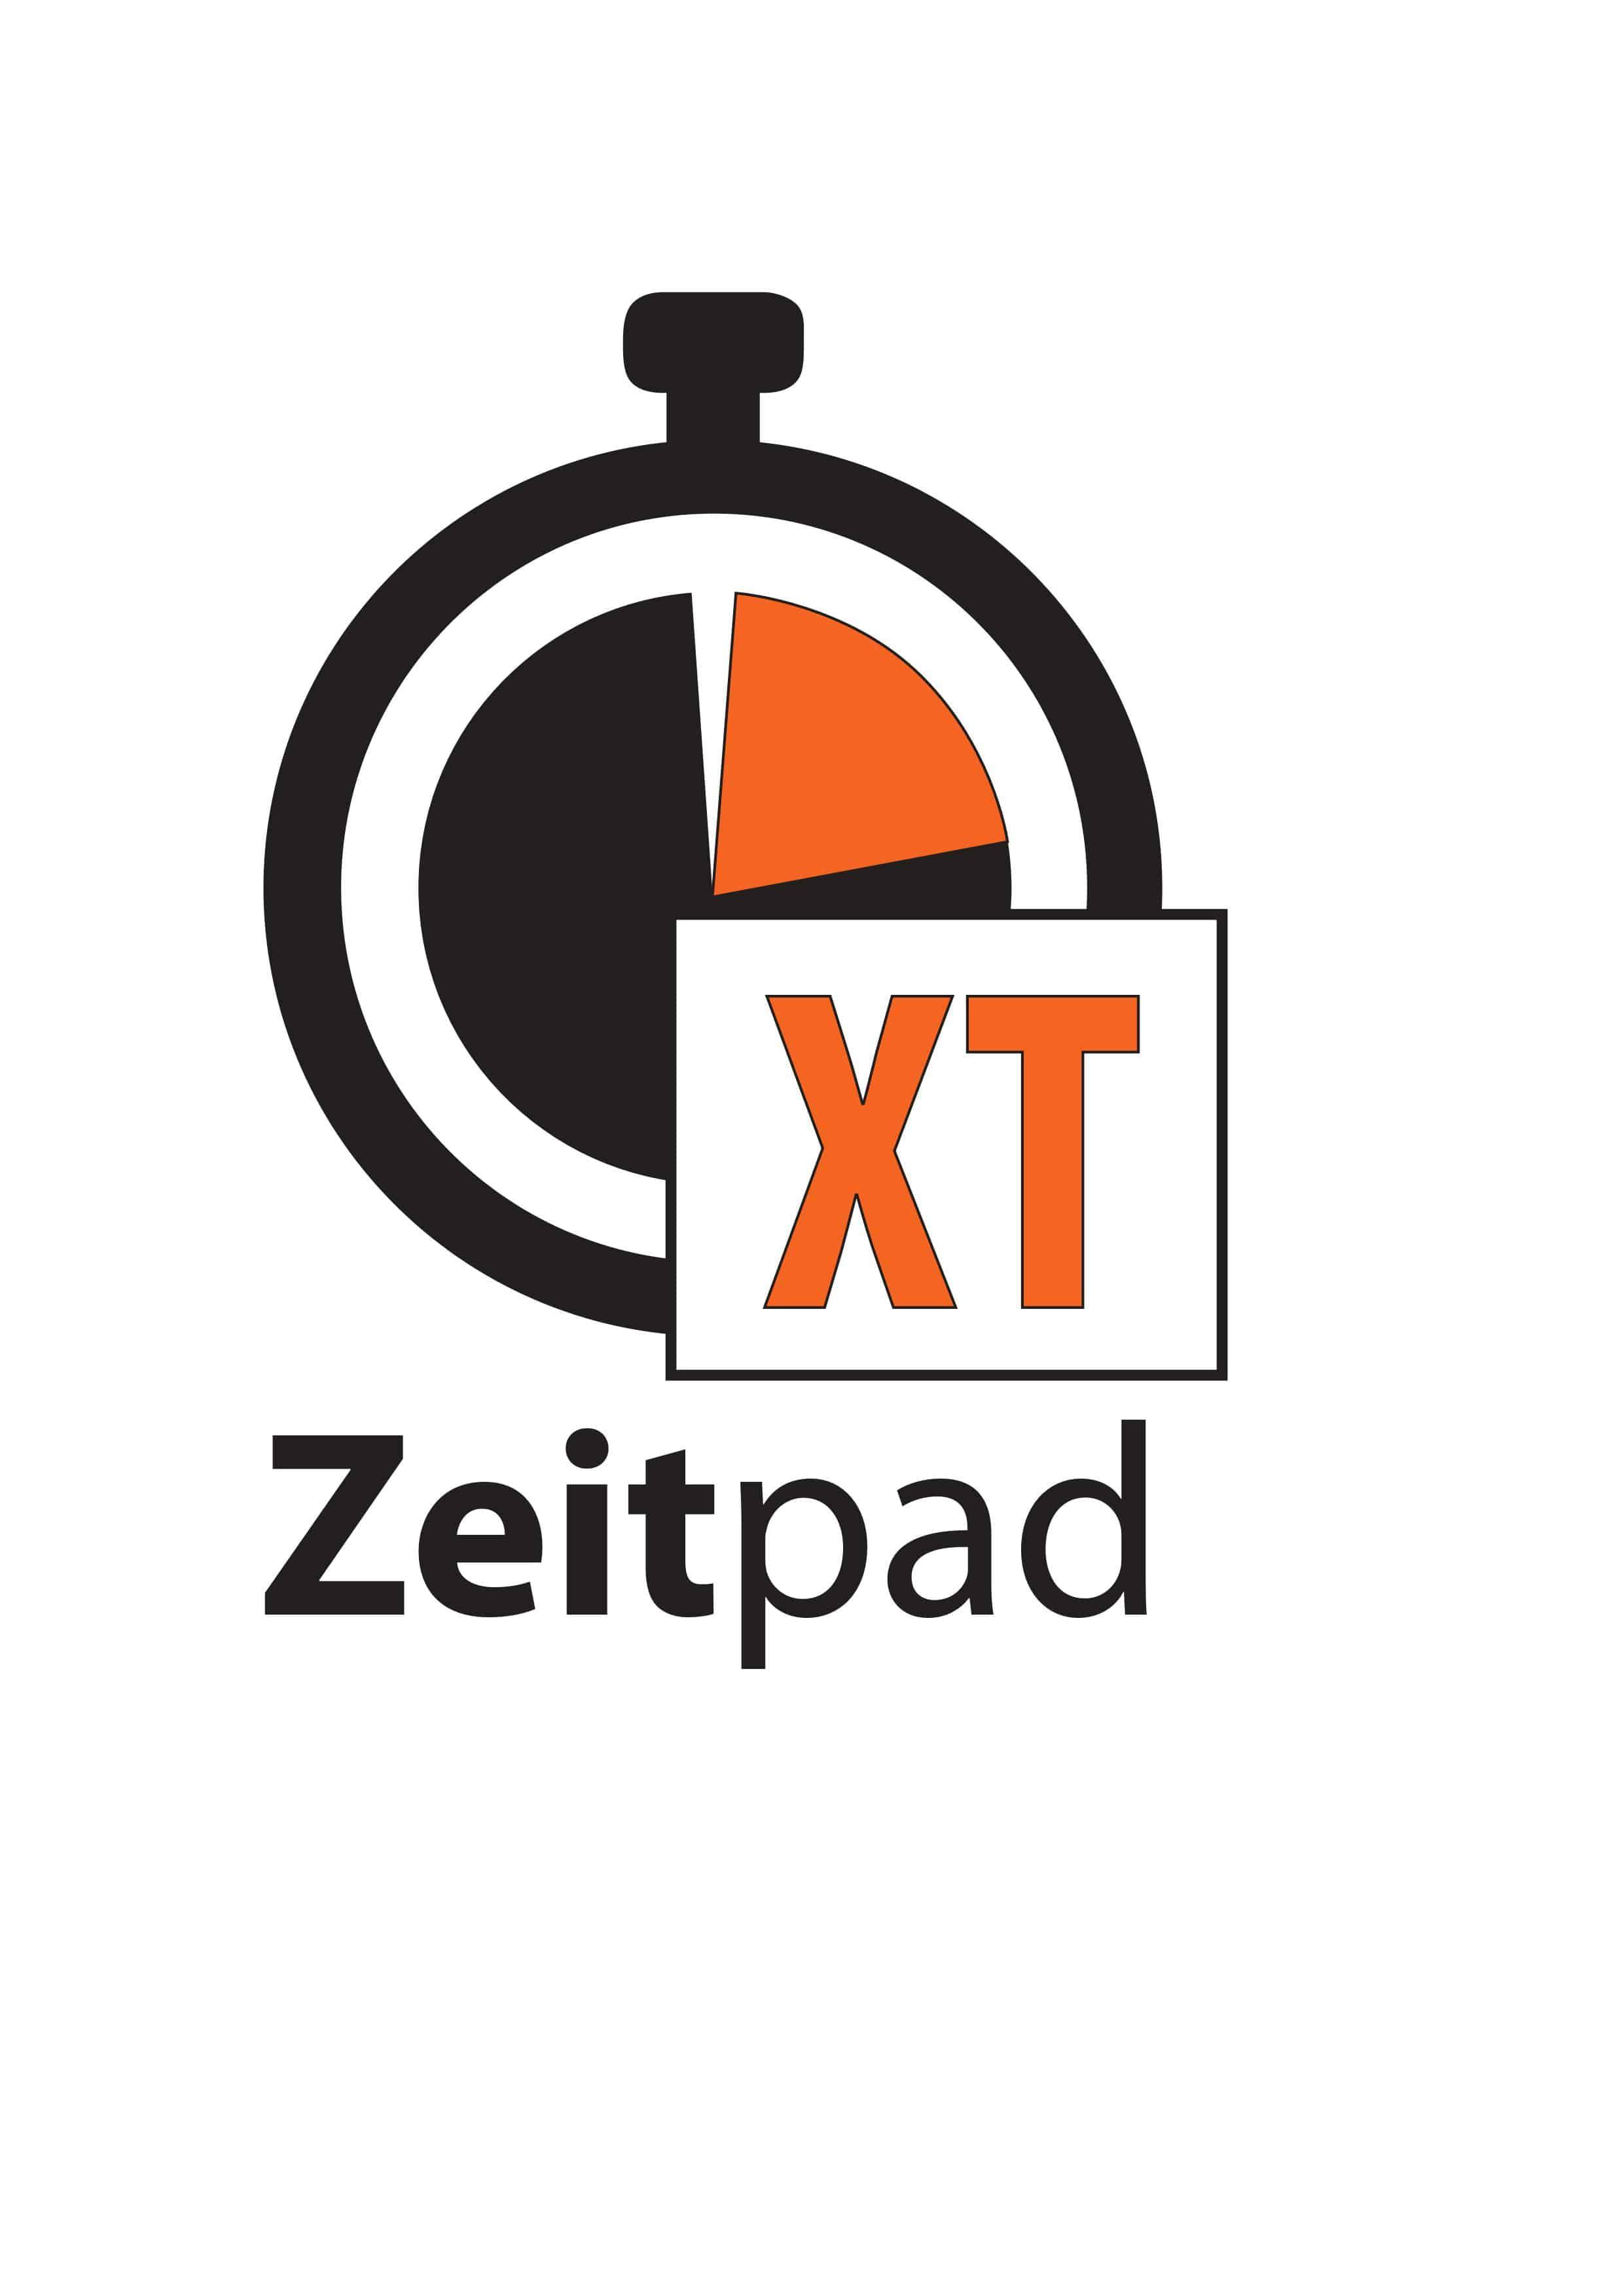 zeitpad_xt_logo